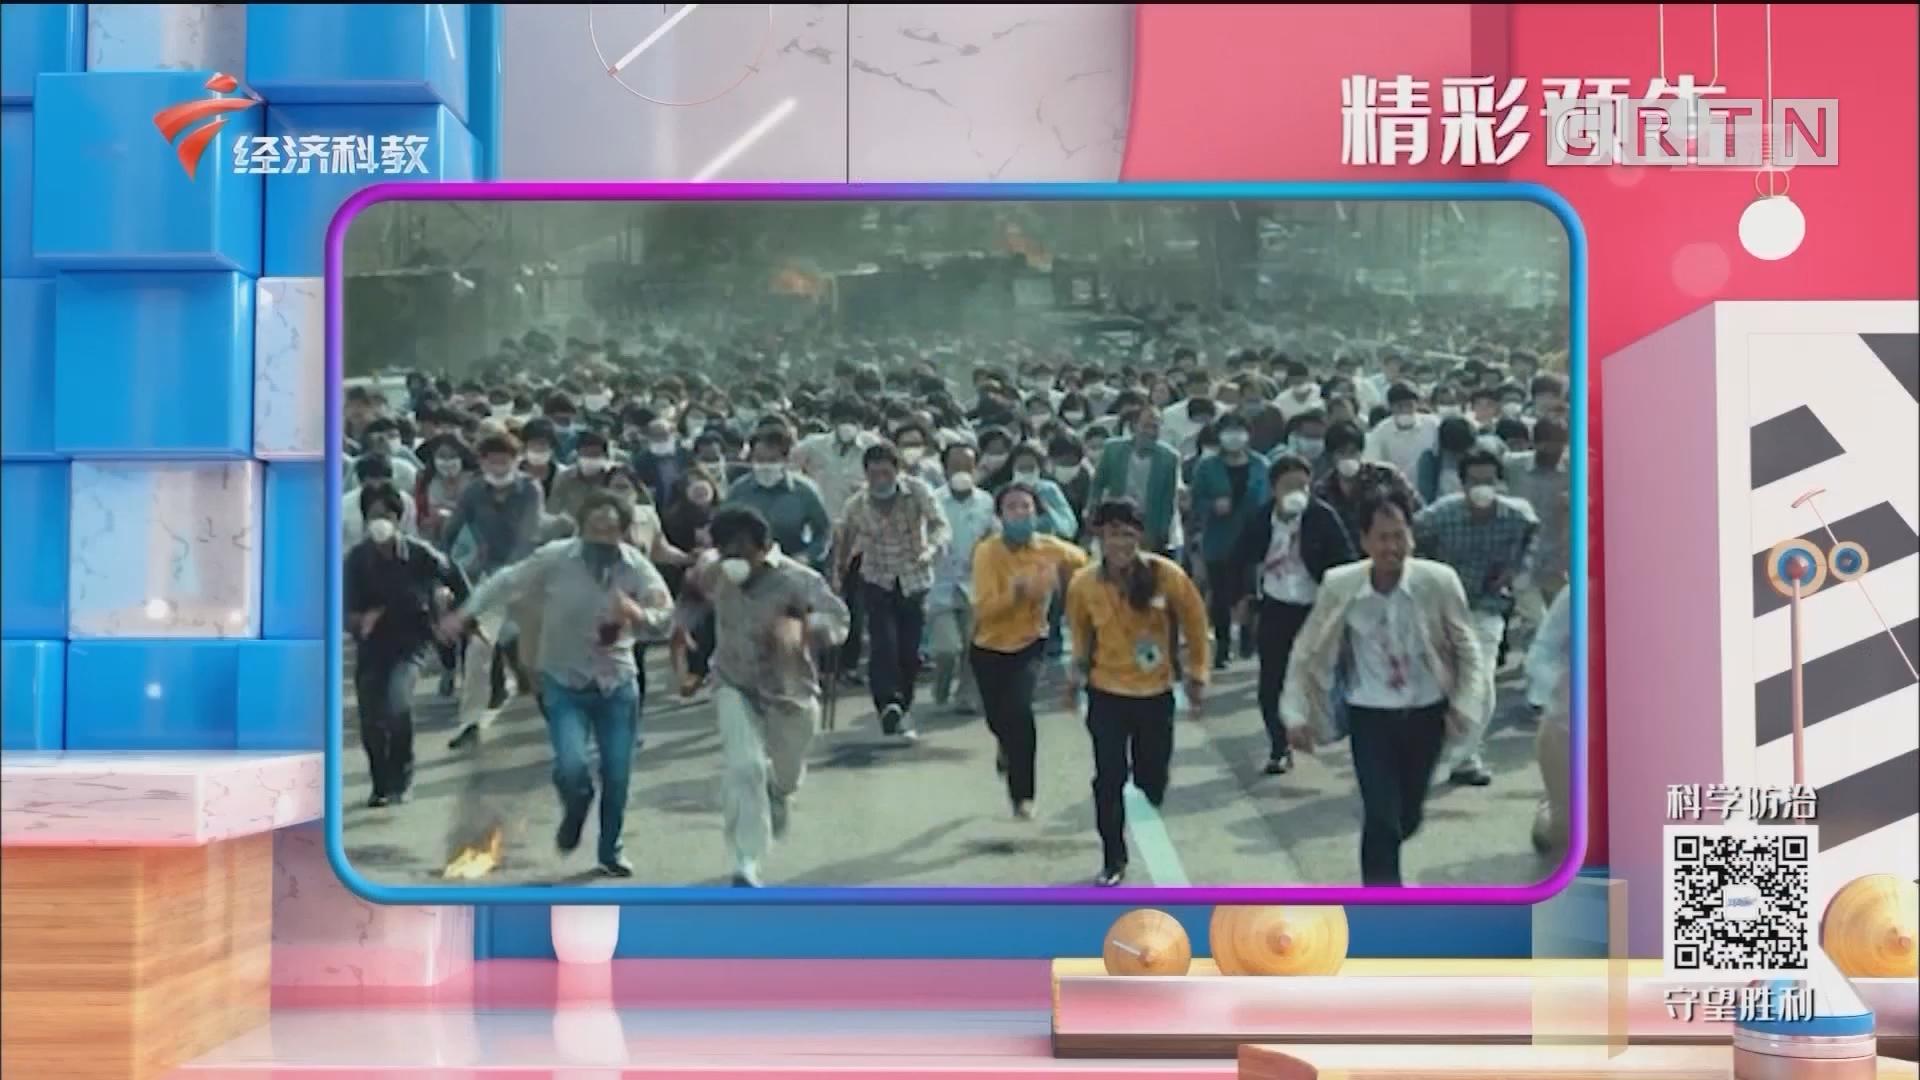 [HD][2020-03-21]经视健康+:抗疫特别节目:科学防治 守望胜利